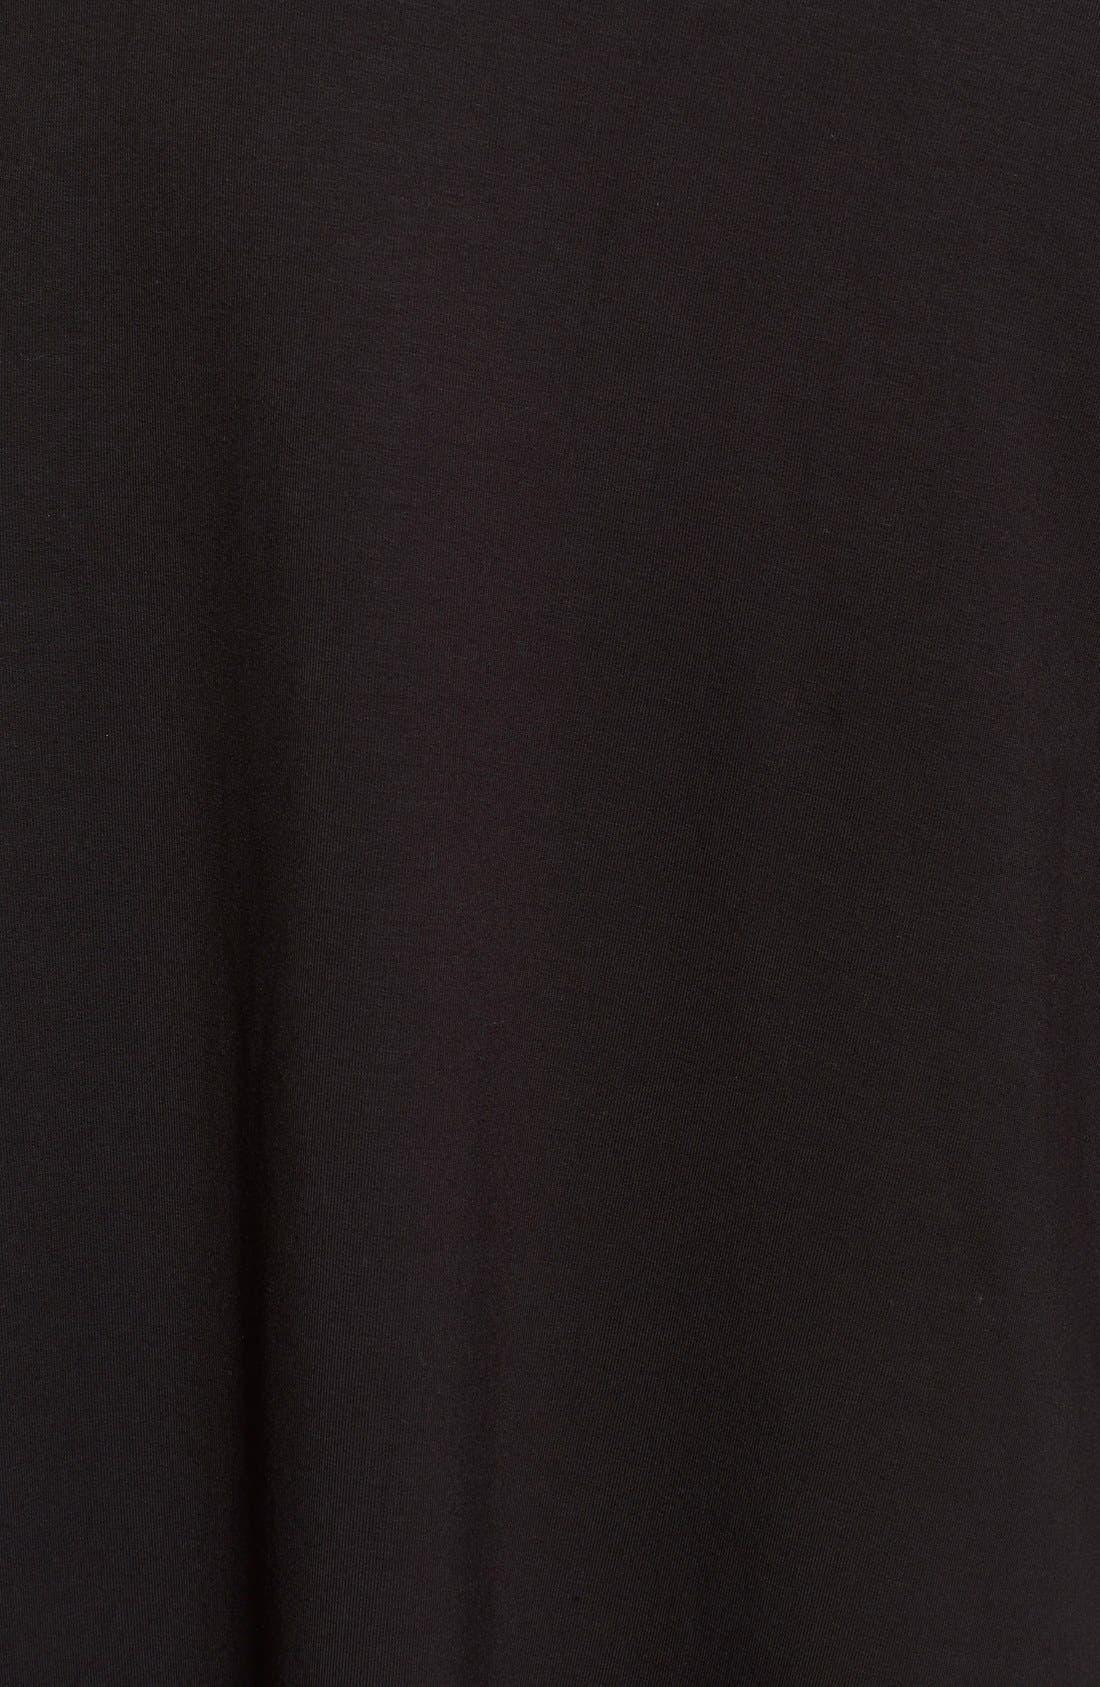 Alternate Image 3  - Helmut Lang 'Villous' Oversized Pullover